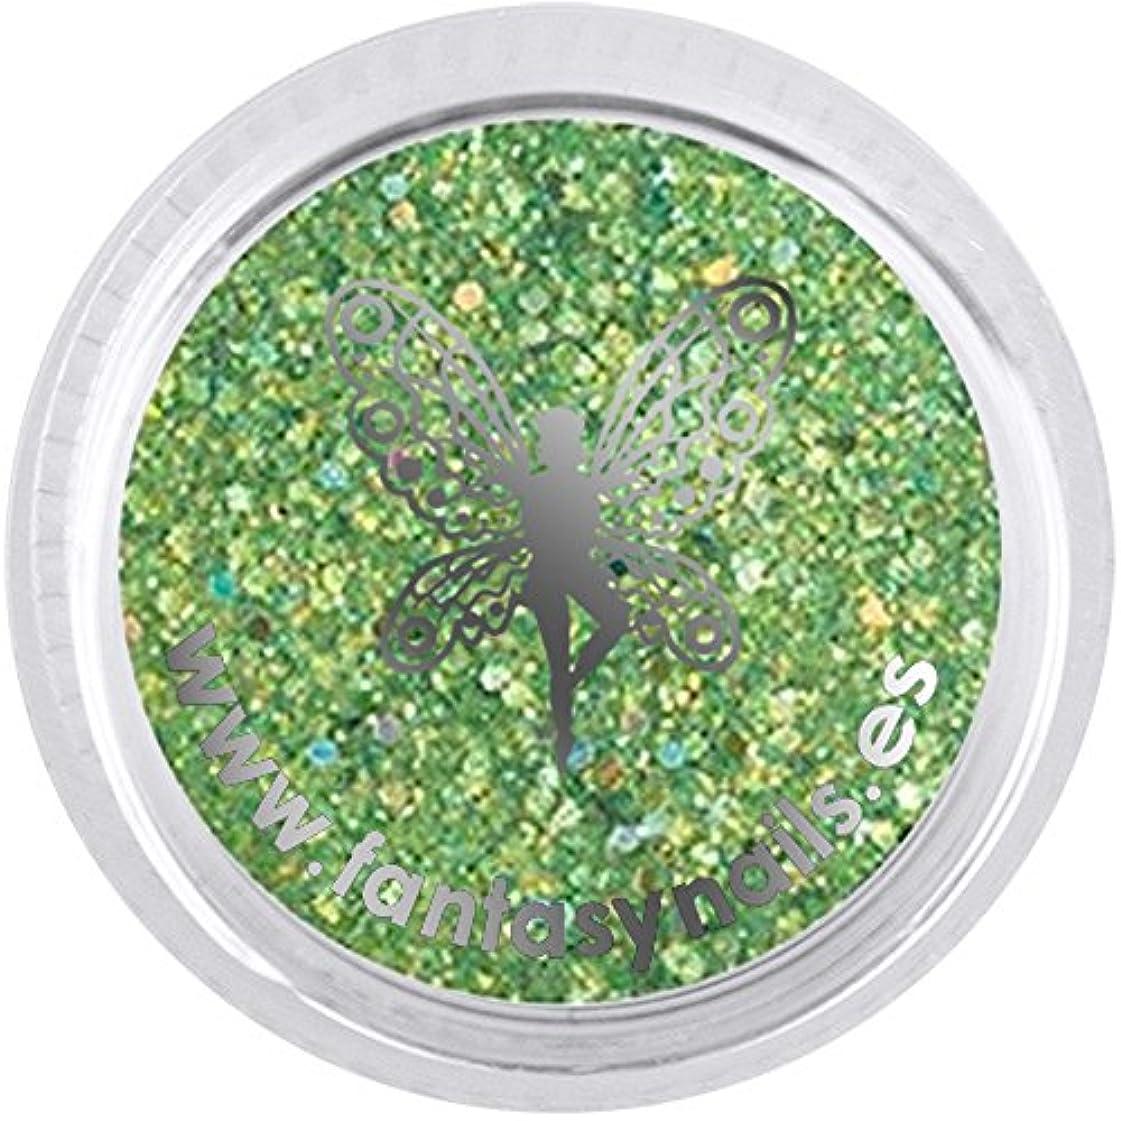 FANTASY NAIL ダイヤモンドコレクション 3g 4265XS カラーパウダー アート材